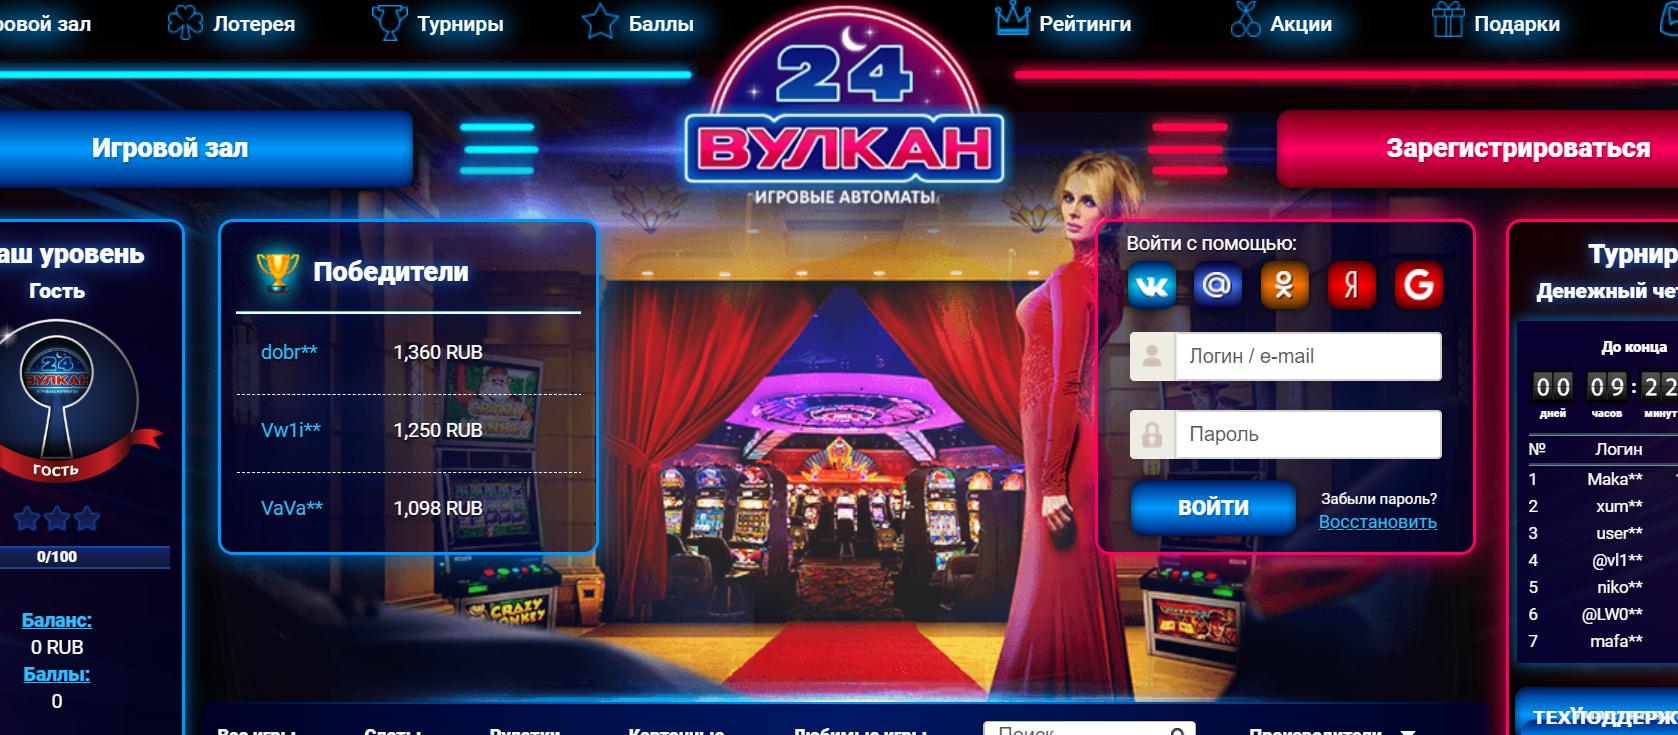 Бонусы онлайн-казино Вулкан 24 - ваш шанс начать игру на средства выбранного вами зала